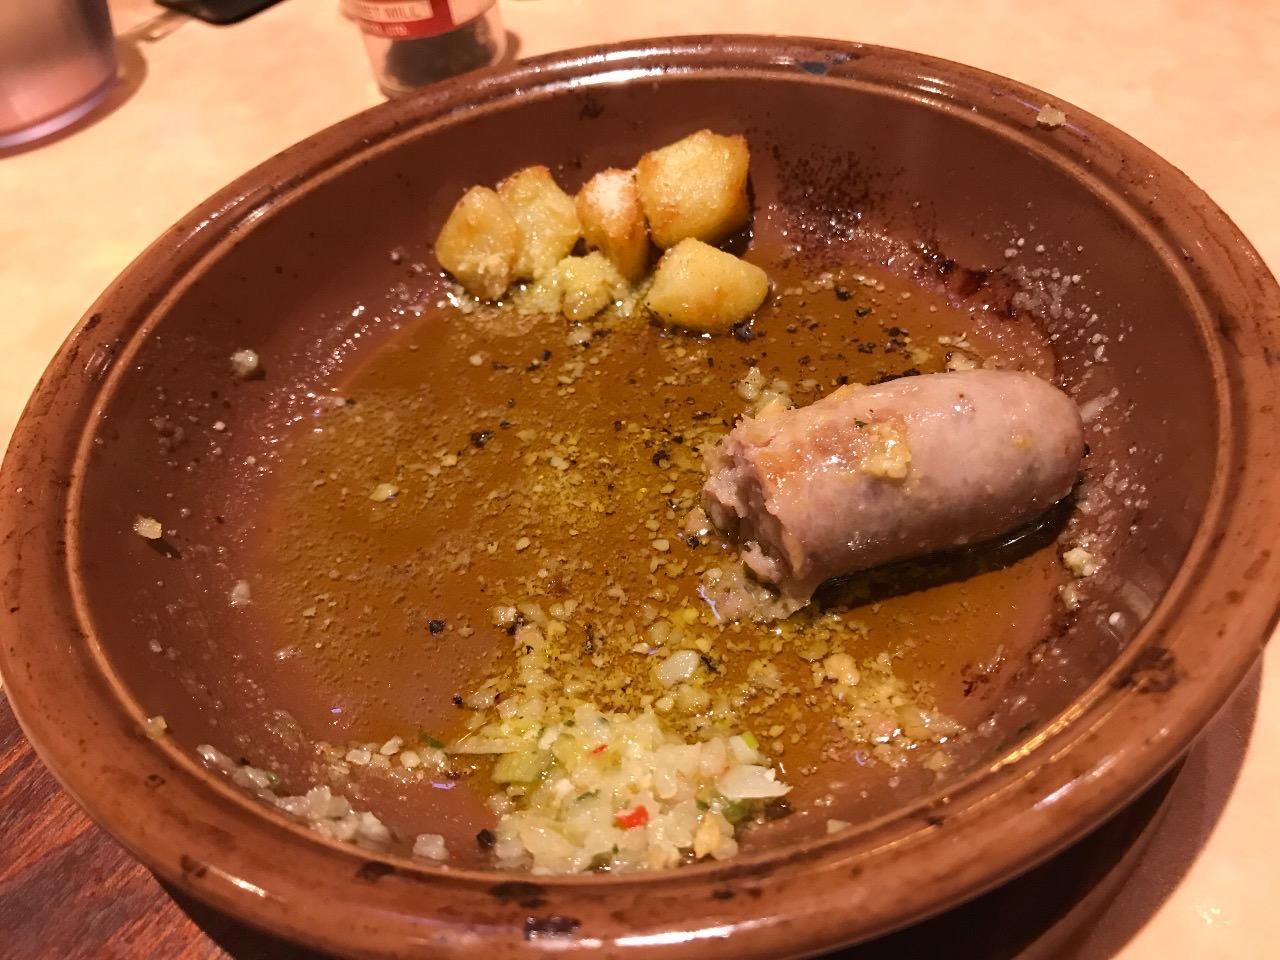 【サイゼリヤ】「野菜ソースのグリルソーセージ」より美味しく食べる方法